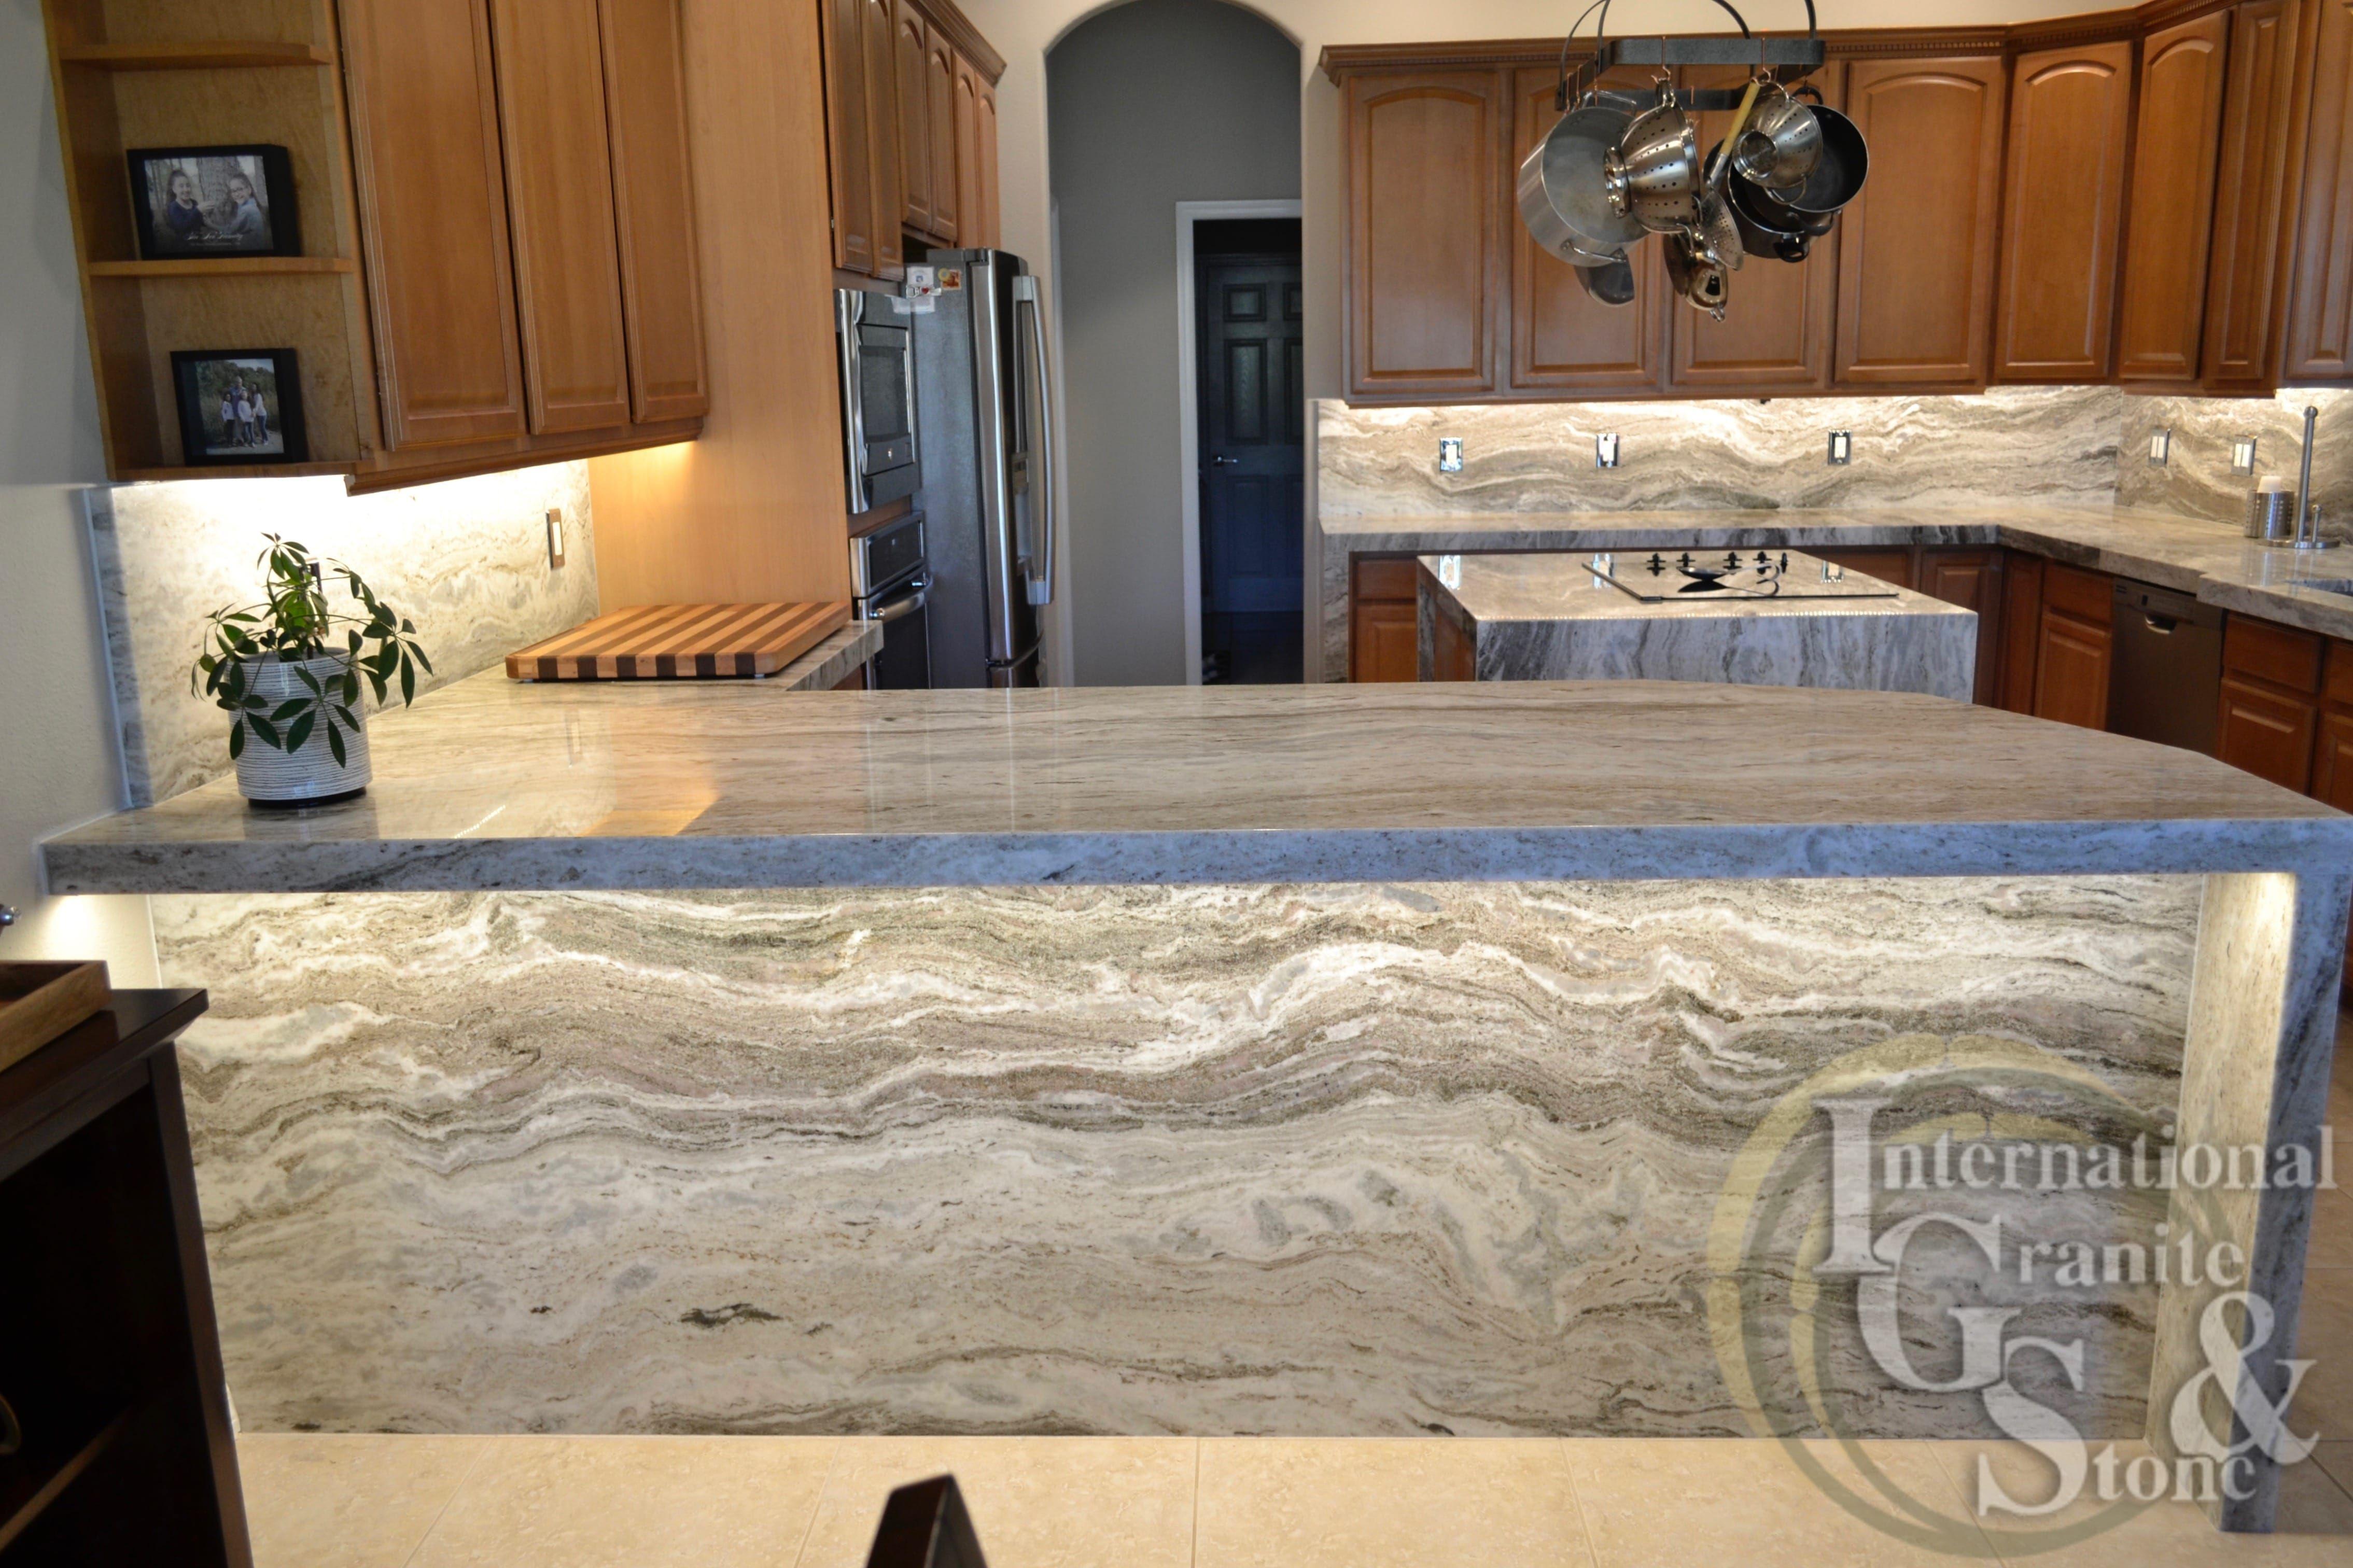 Granite Countertops Spring Hill Granite Countertops Countertops Kitchen Installation